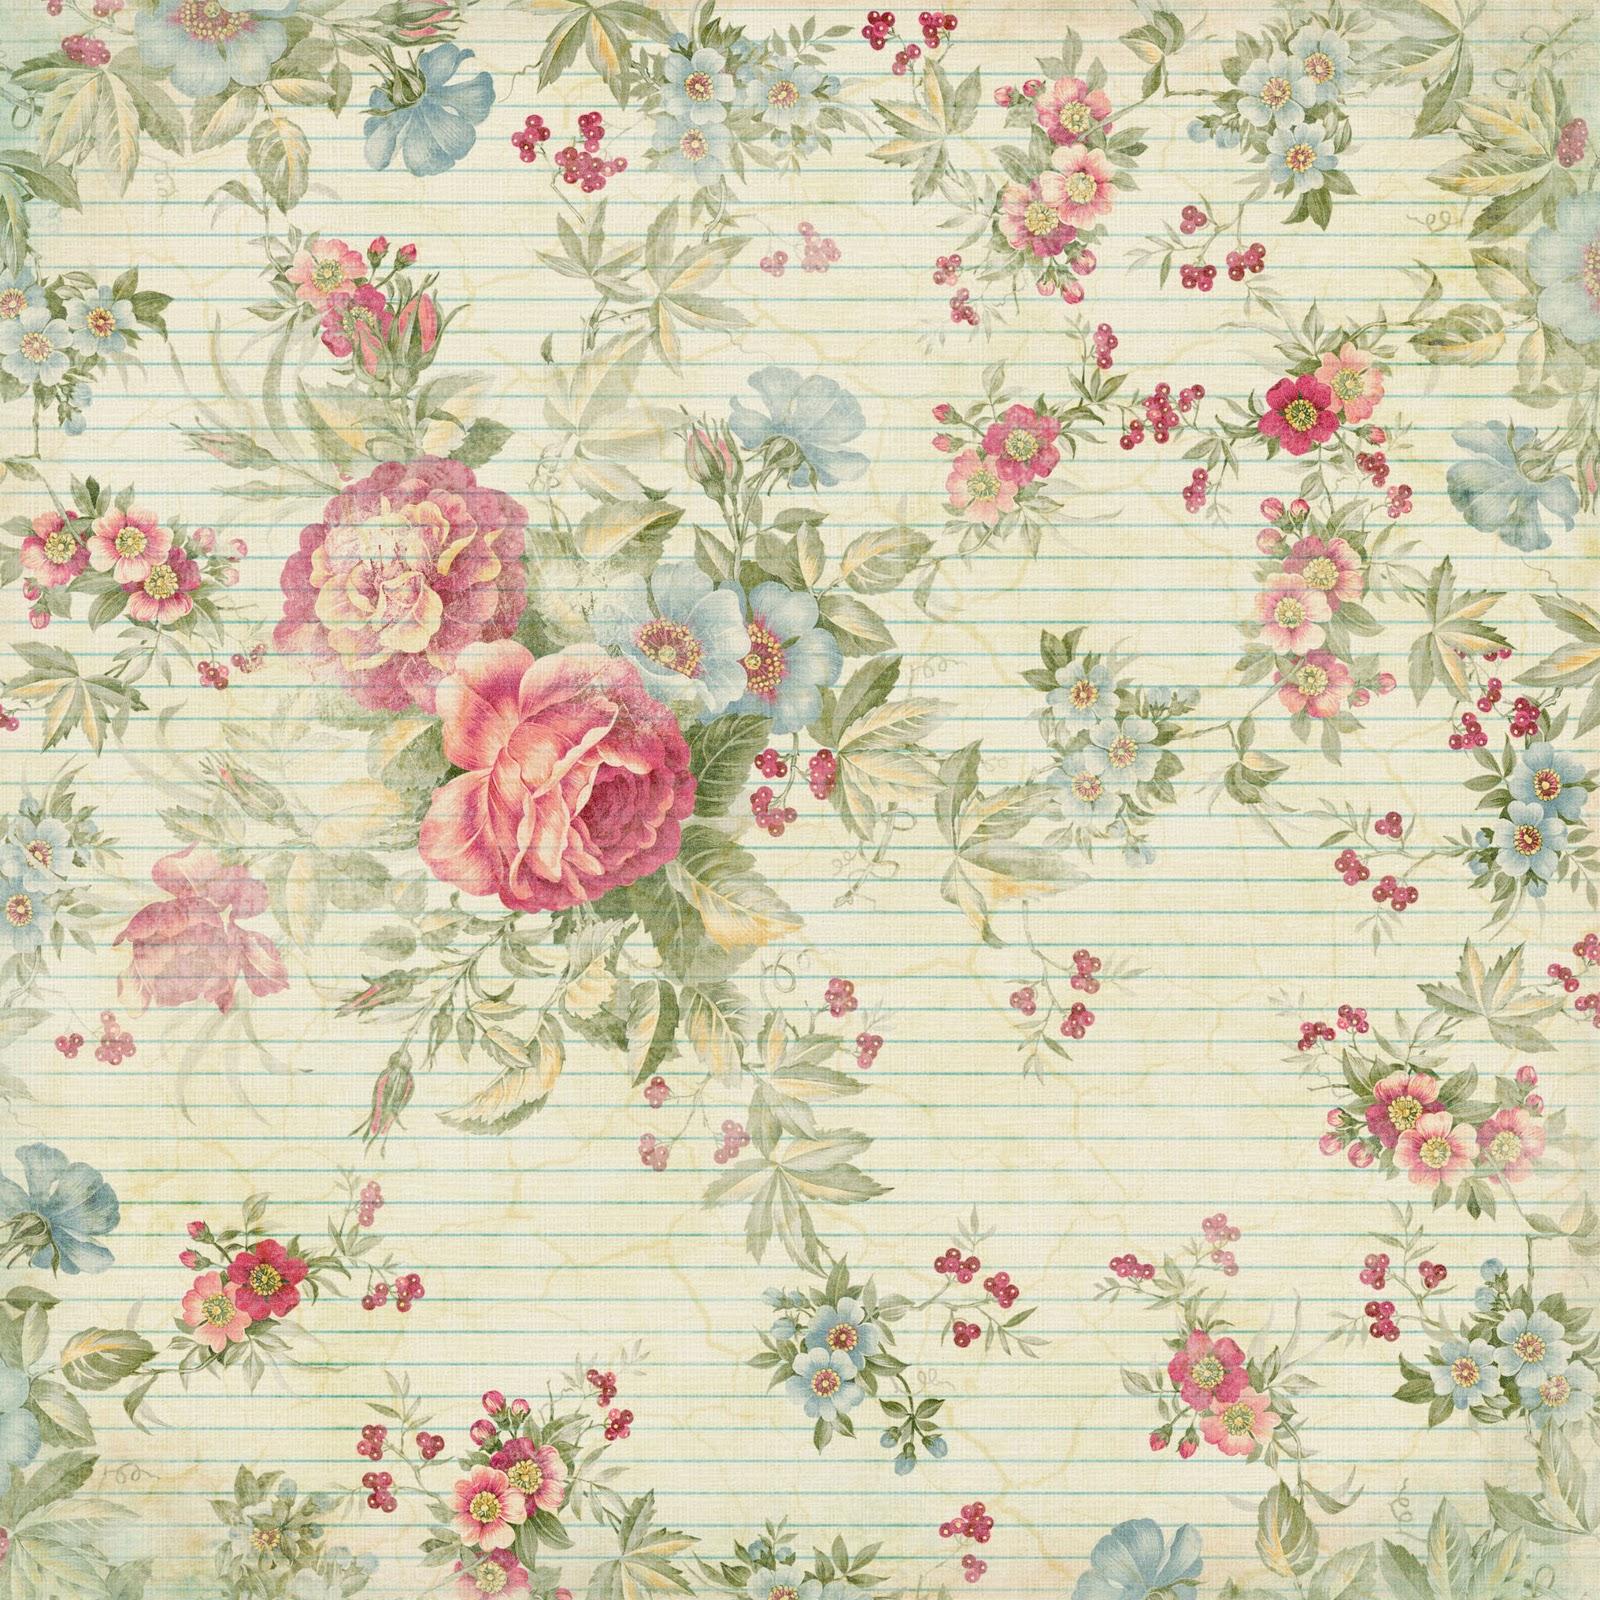 Фоны роз для скрапбукинга 20 фотография